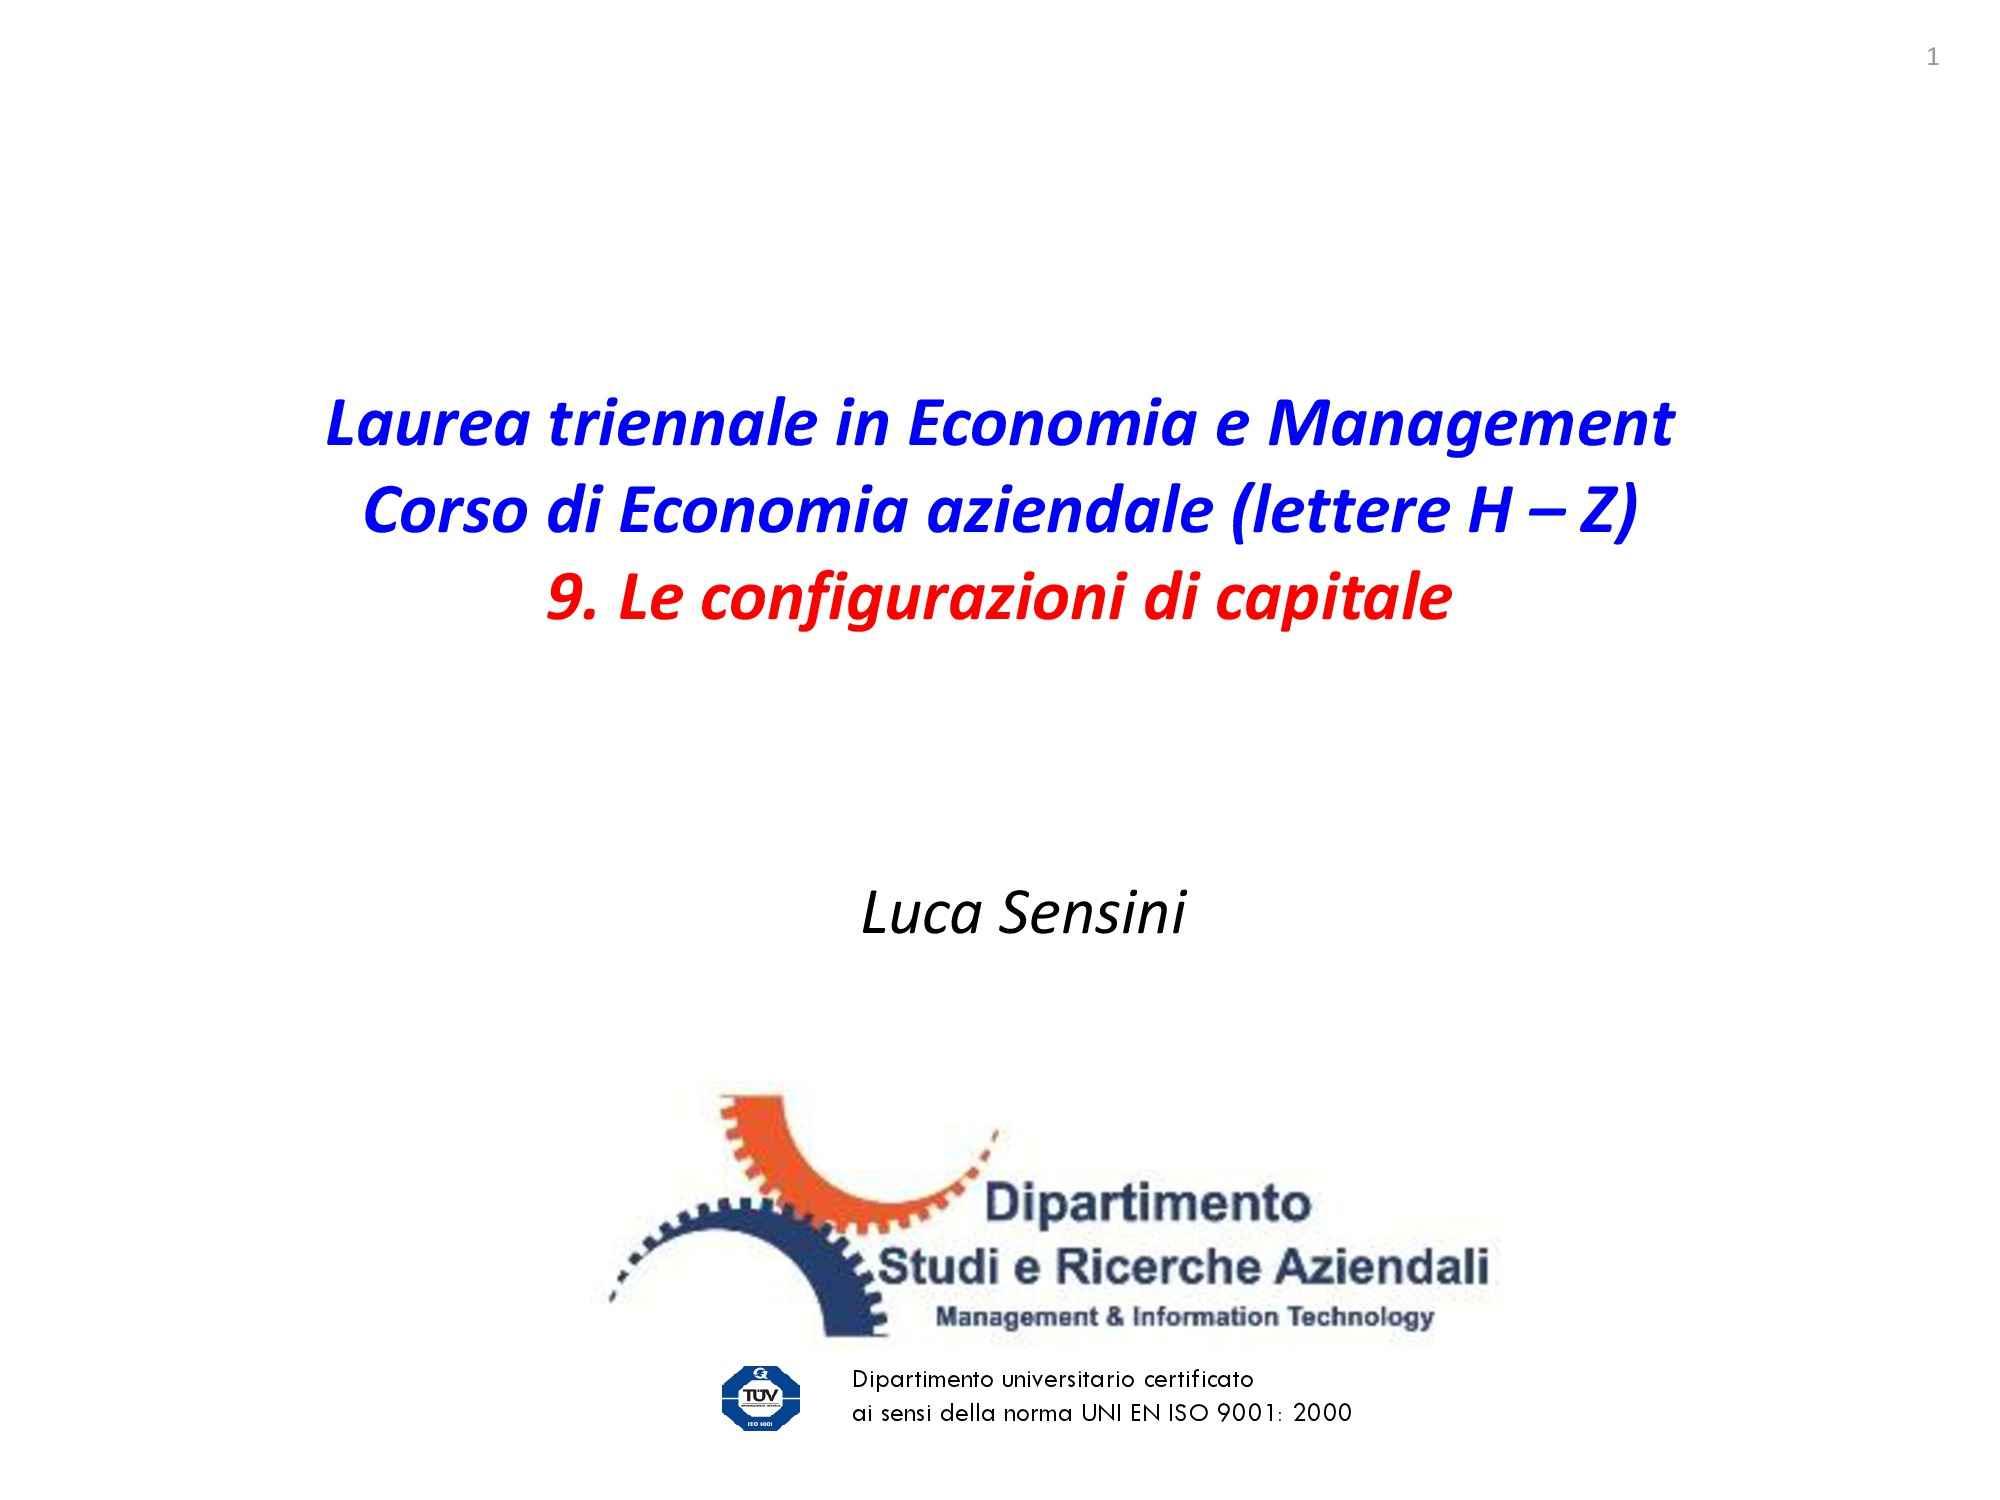 Dispensa di Economia aziendale - Configurazioni di capitale